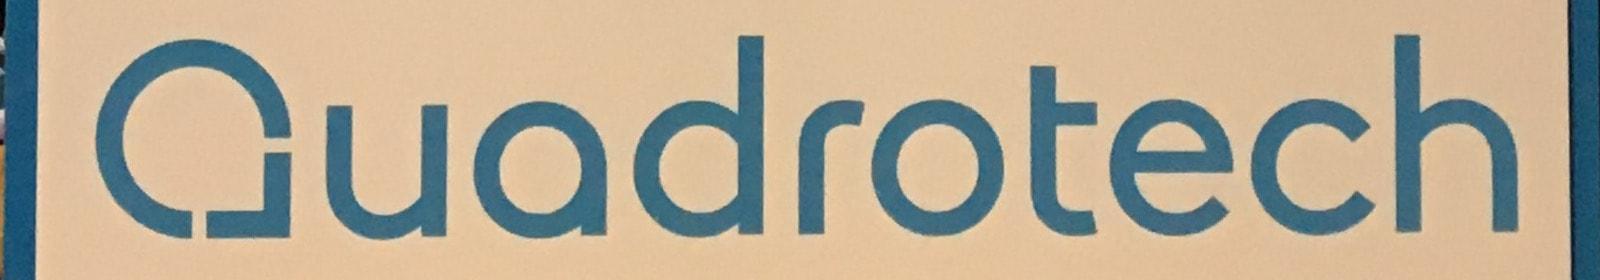 Quadrotech logo at an event